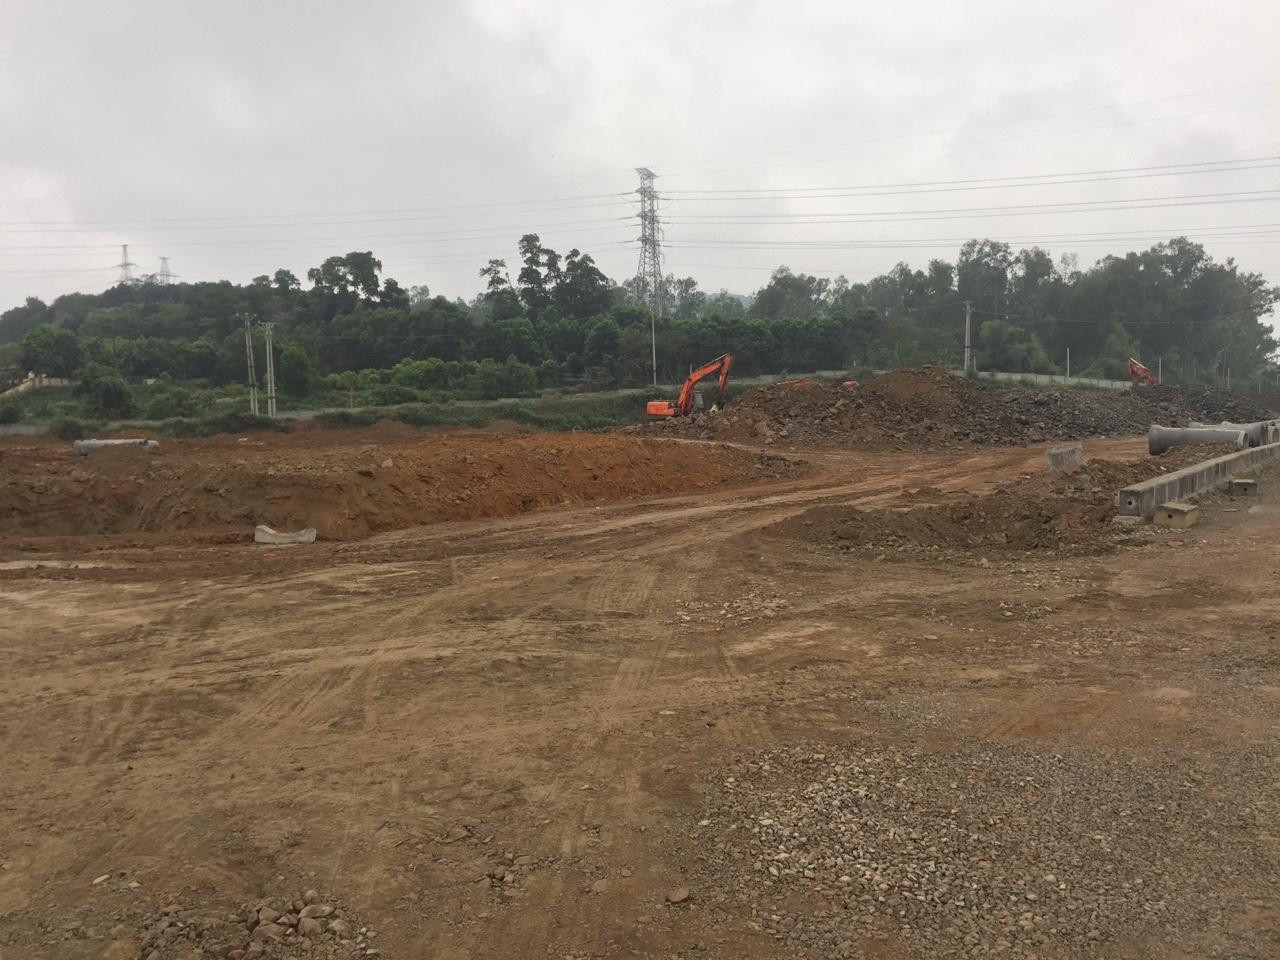 Một dự án đất nền tỉnh lẻ đang san lấp mặt bằng, máy xúc đất đang làm việc.